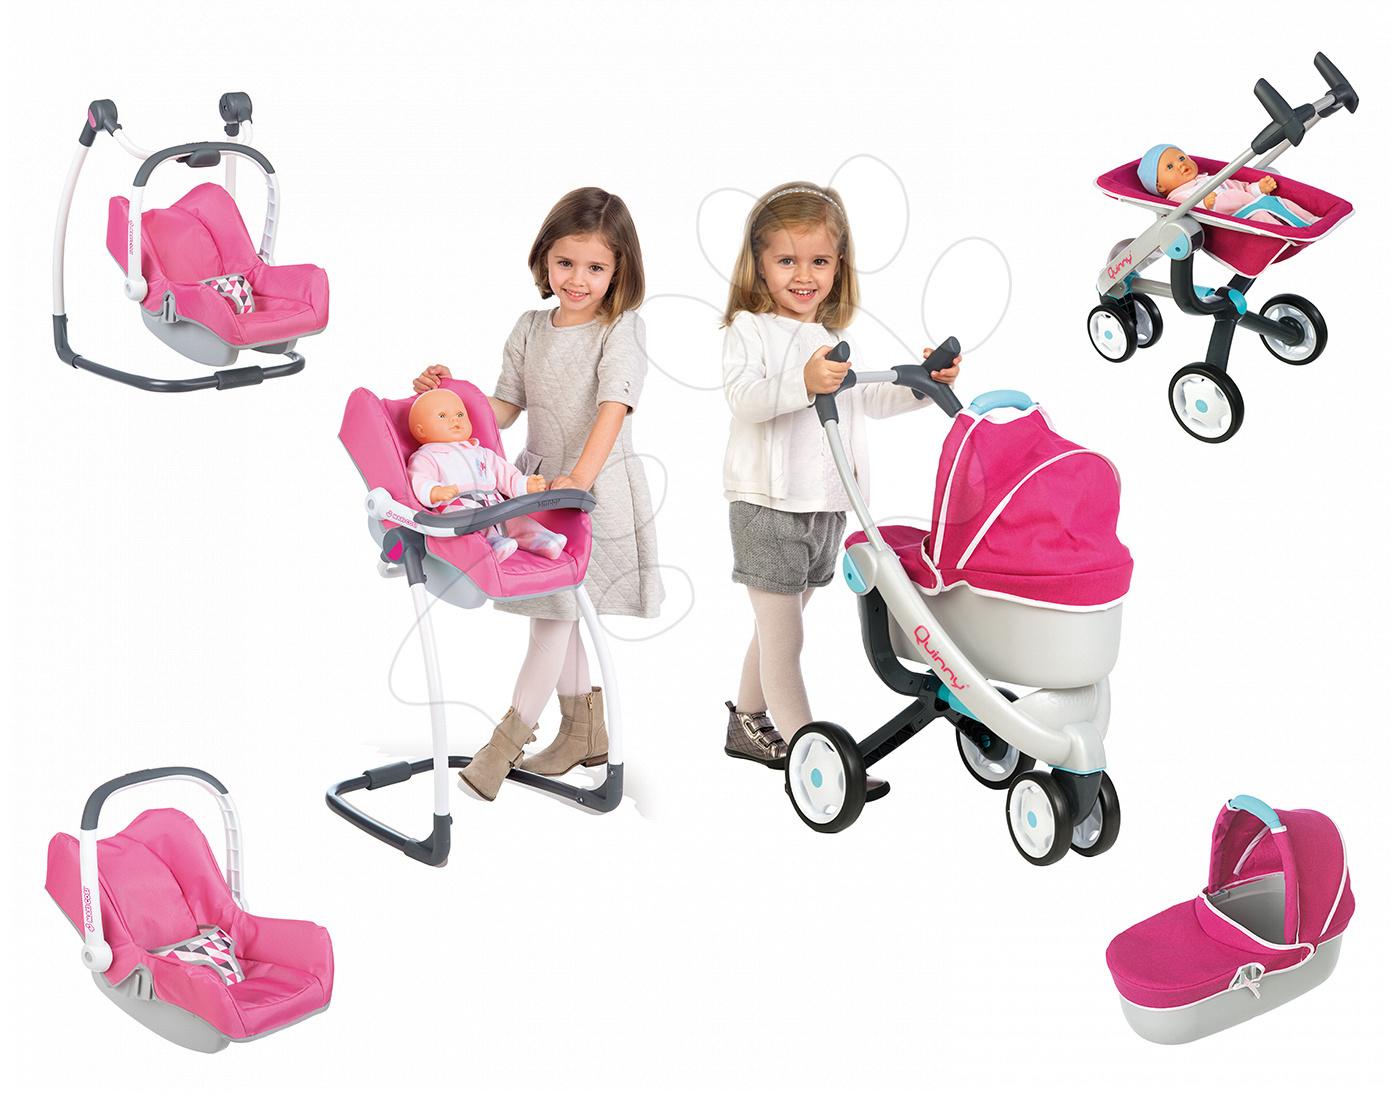 Kočíky od 18 mesiacov - Set kočík pre bábiku Maxi Cosi & Quinny 3v1 Smoby (70 cm rúčka) a sada stolička, autosedačka a hojdačka 3v1 retro